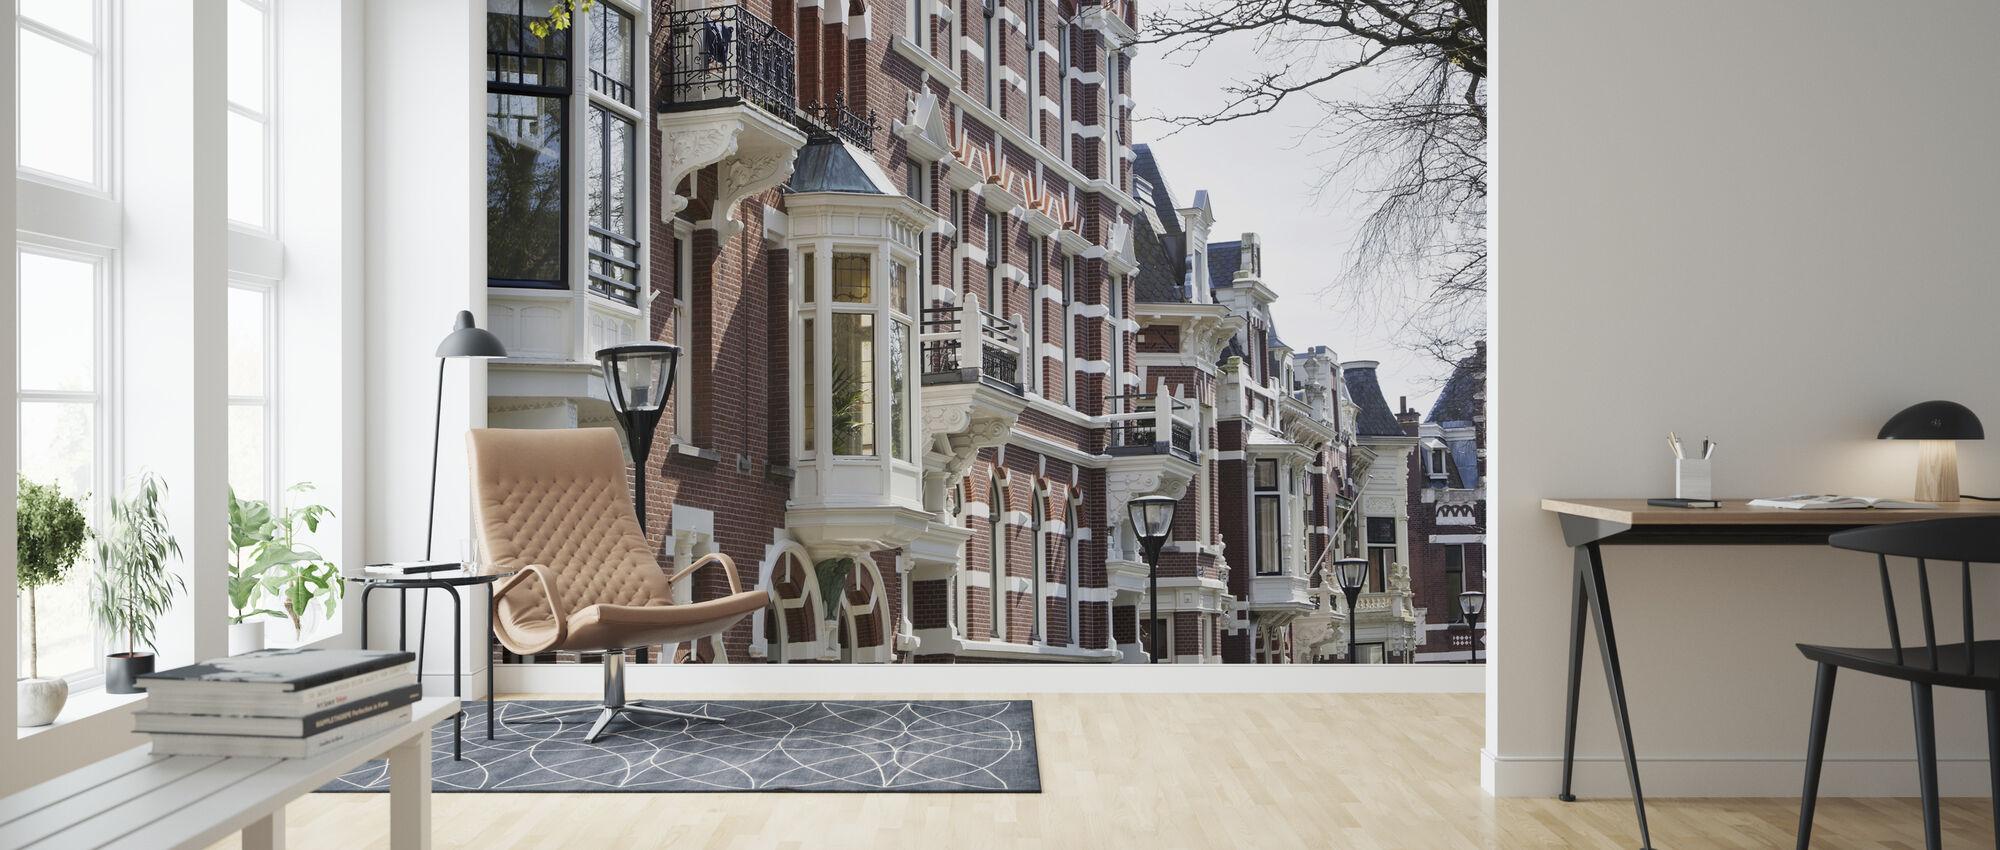 Kralingen in Rotterdam - Wallpaper - Living Room